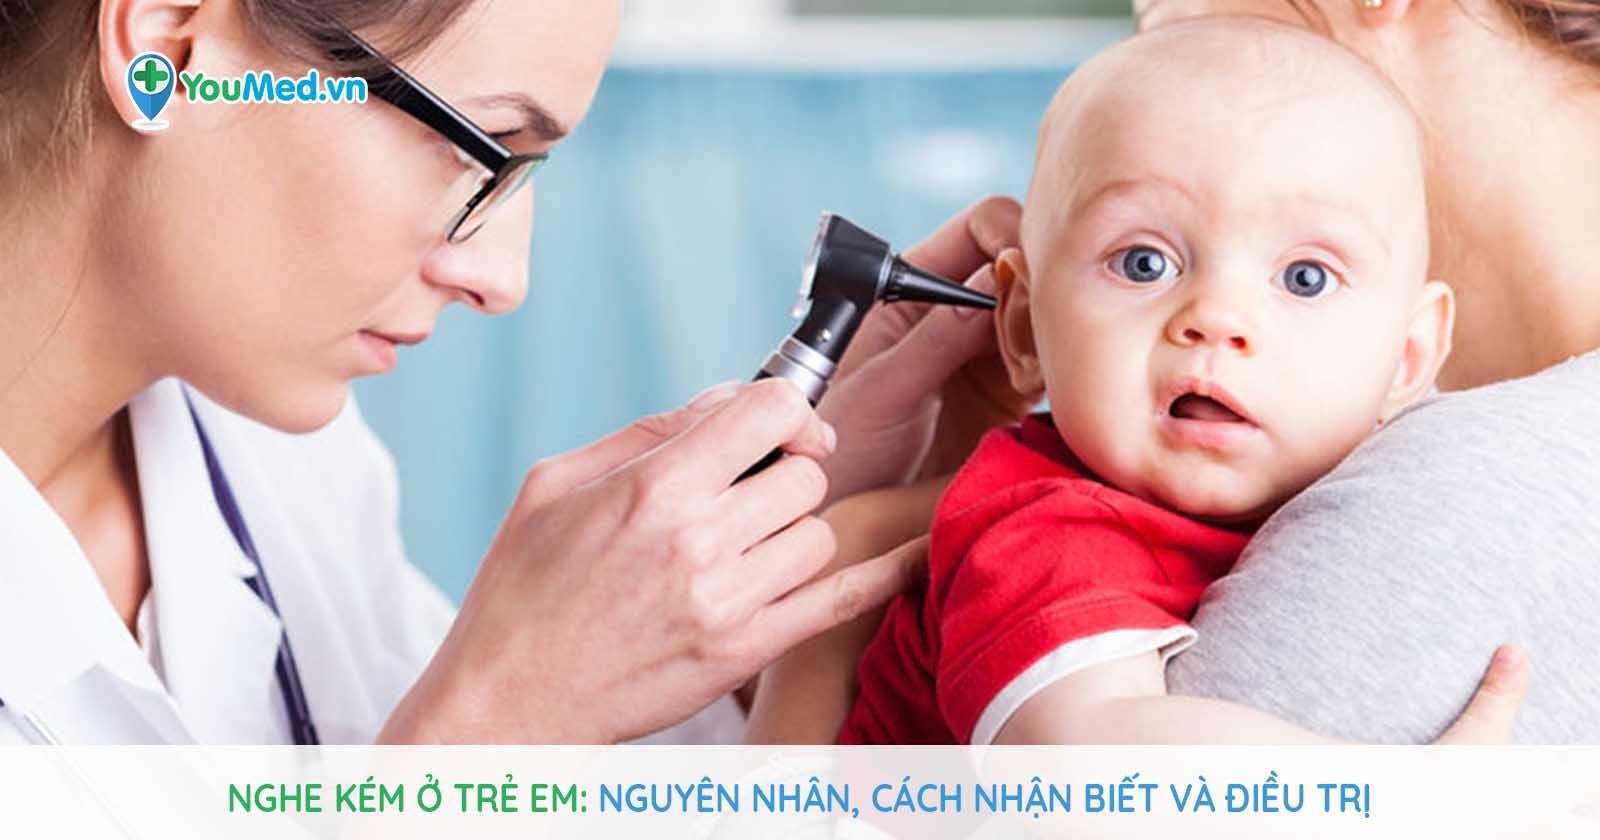 Nghe kém ở trẻ em: Nguyên nhân, cách nhận biết và điều trị